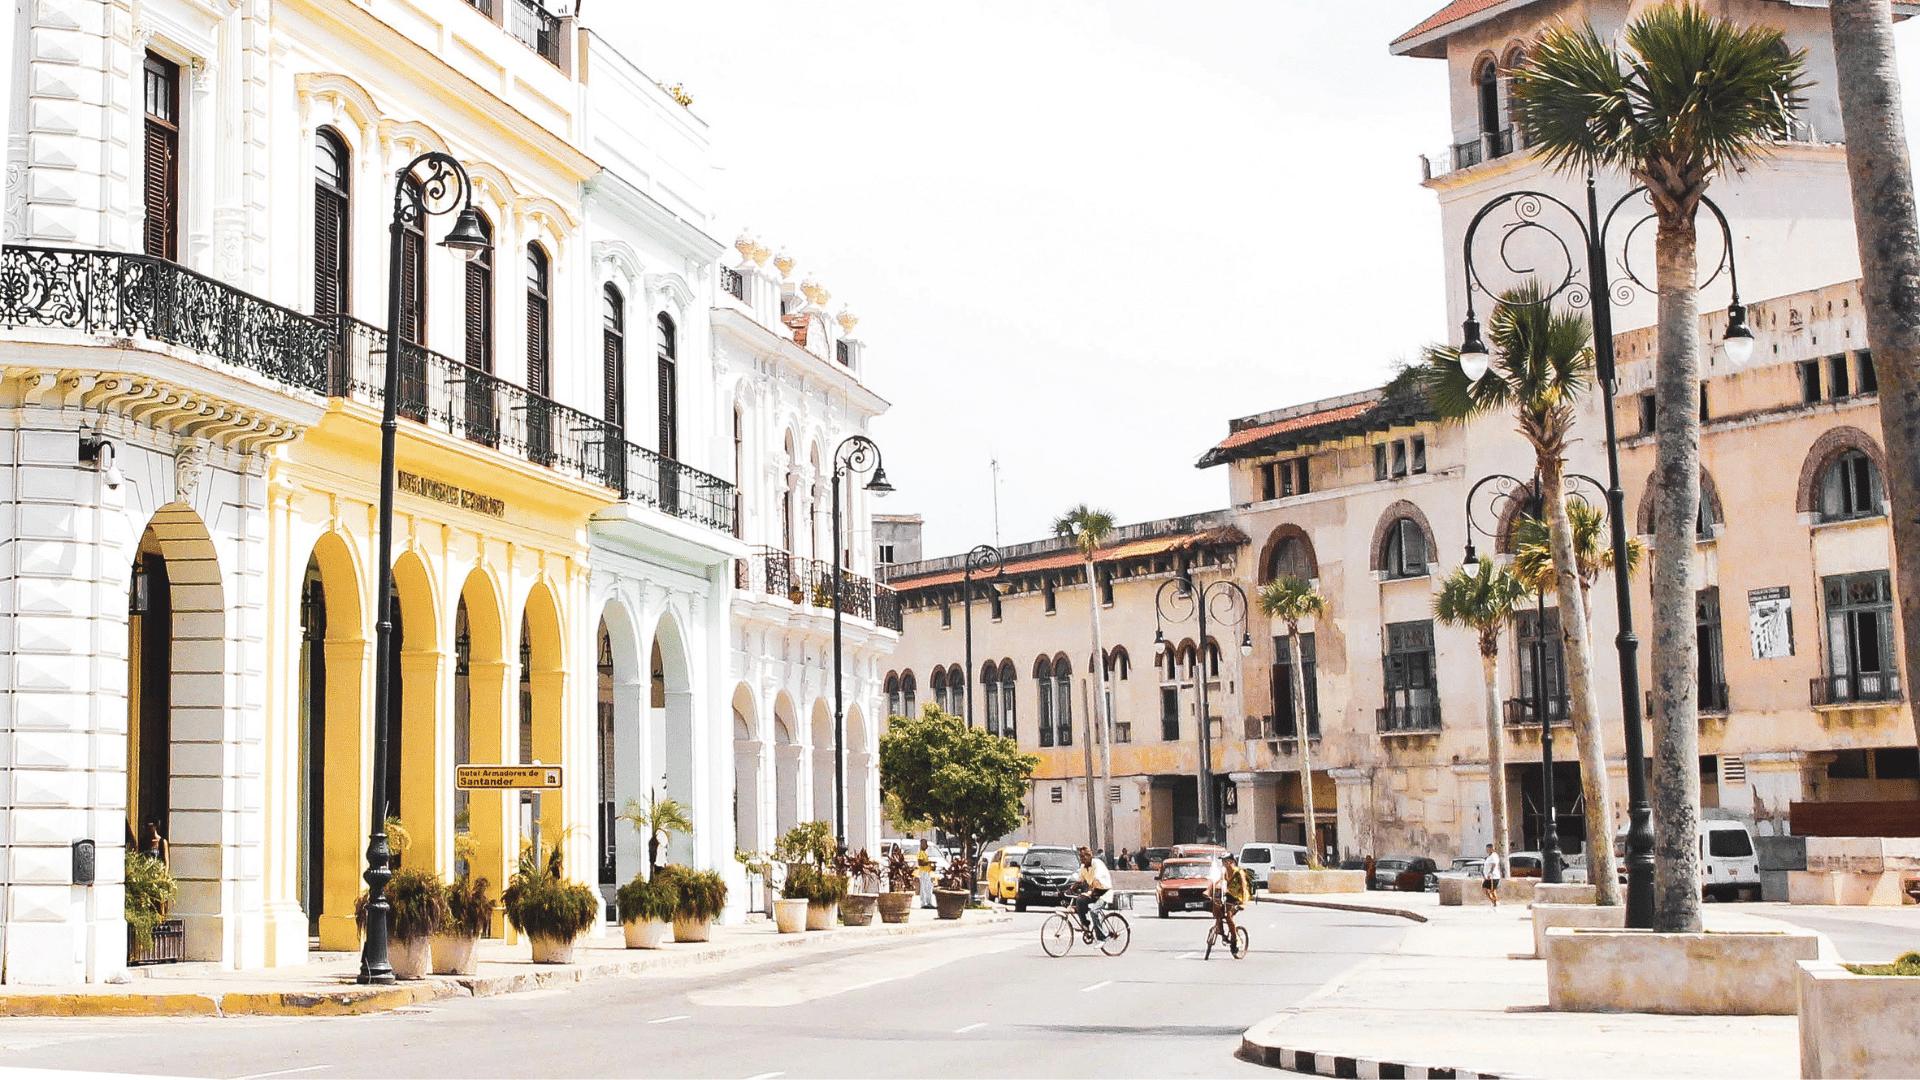 Old Havana attractions